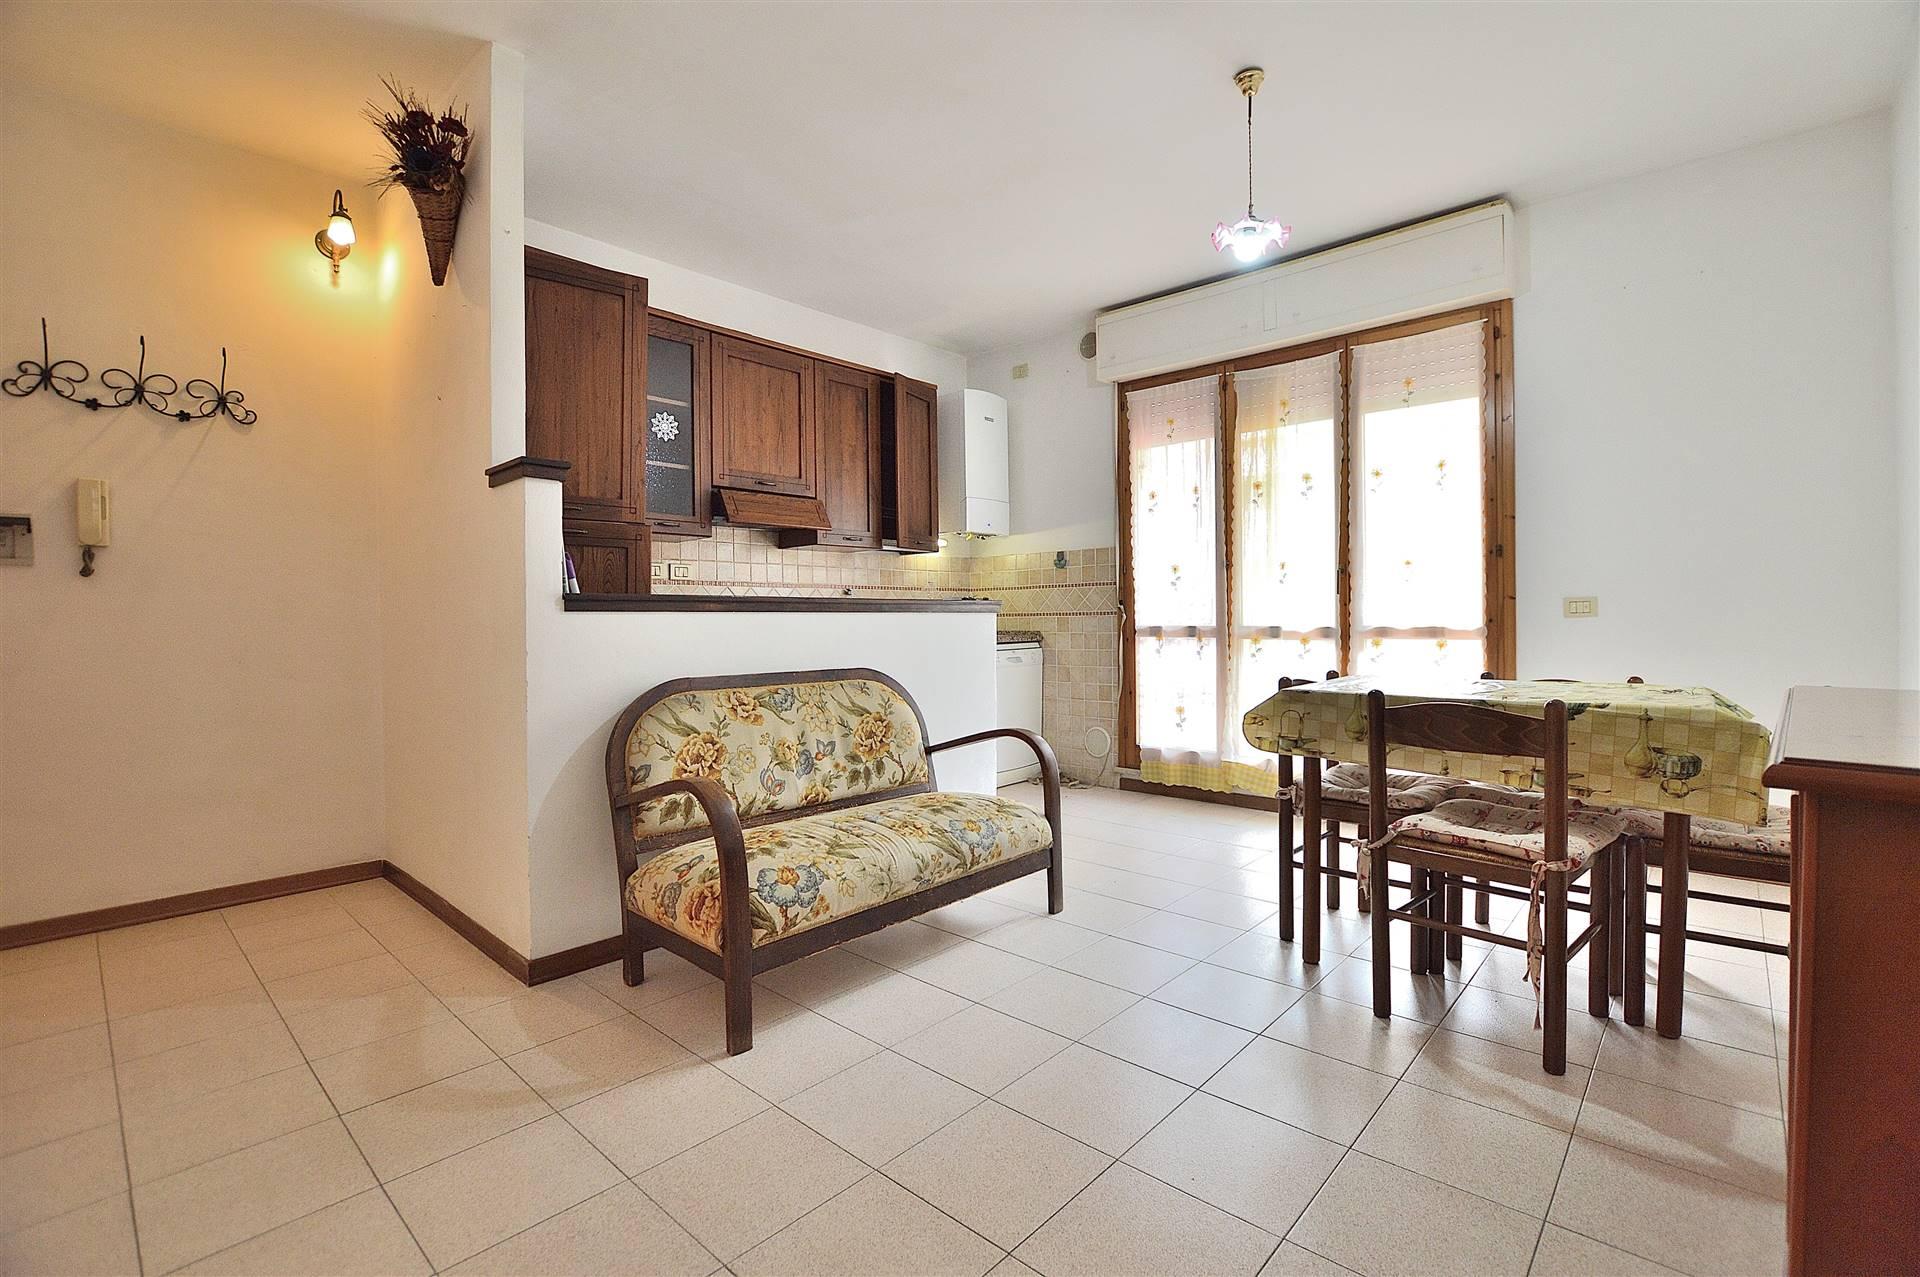 Taverne d'Arbia, in piacevole contesto residenziale, proponiamo appartamento trilocale posto al piano primo di una piccola palazzina in mattoni